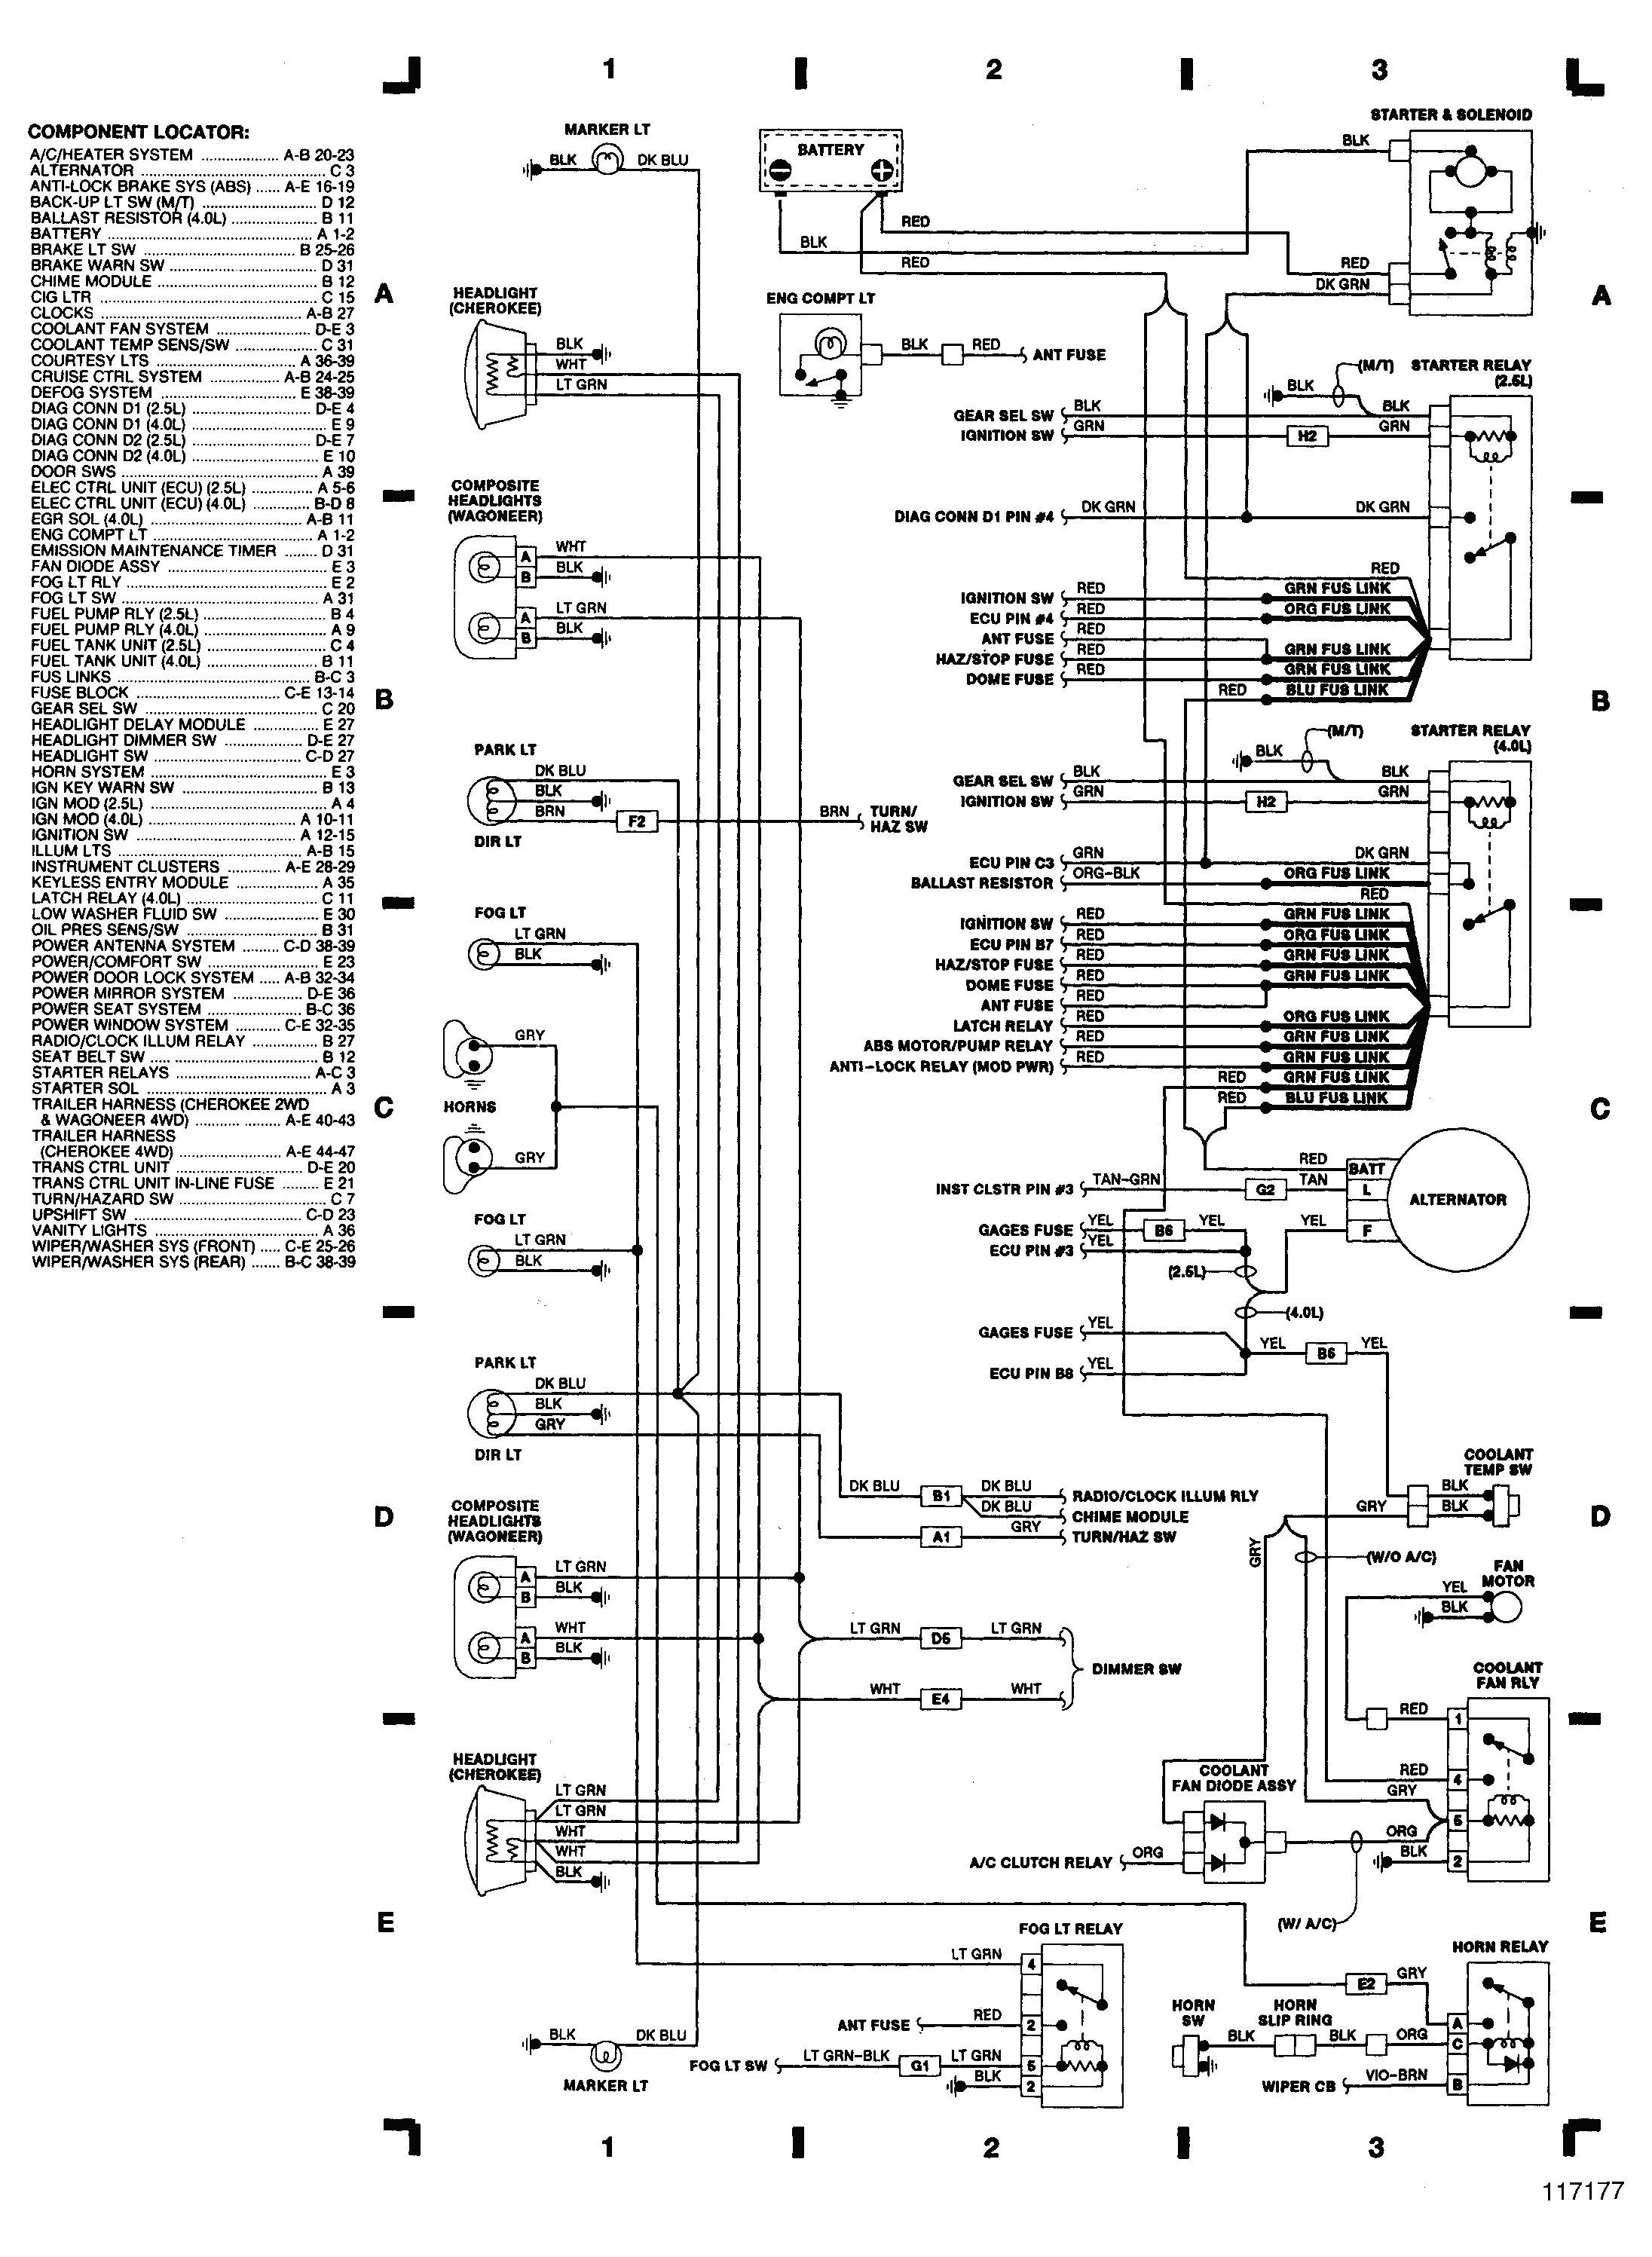 john deere 2155 wiring diagram free picture cl 1967  john deere 2155 wiring diagram free picture  john deere 2155 wiring diagram free picture